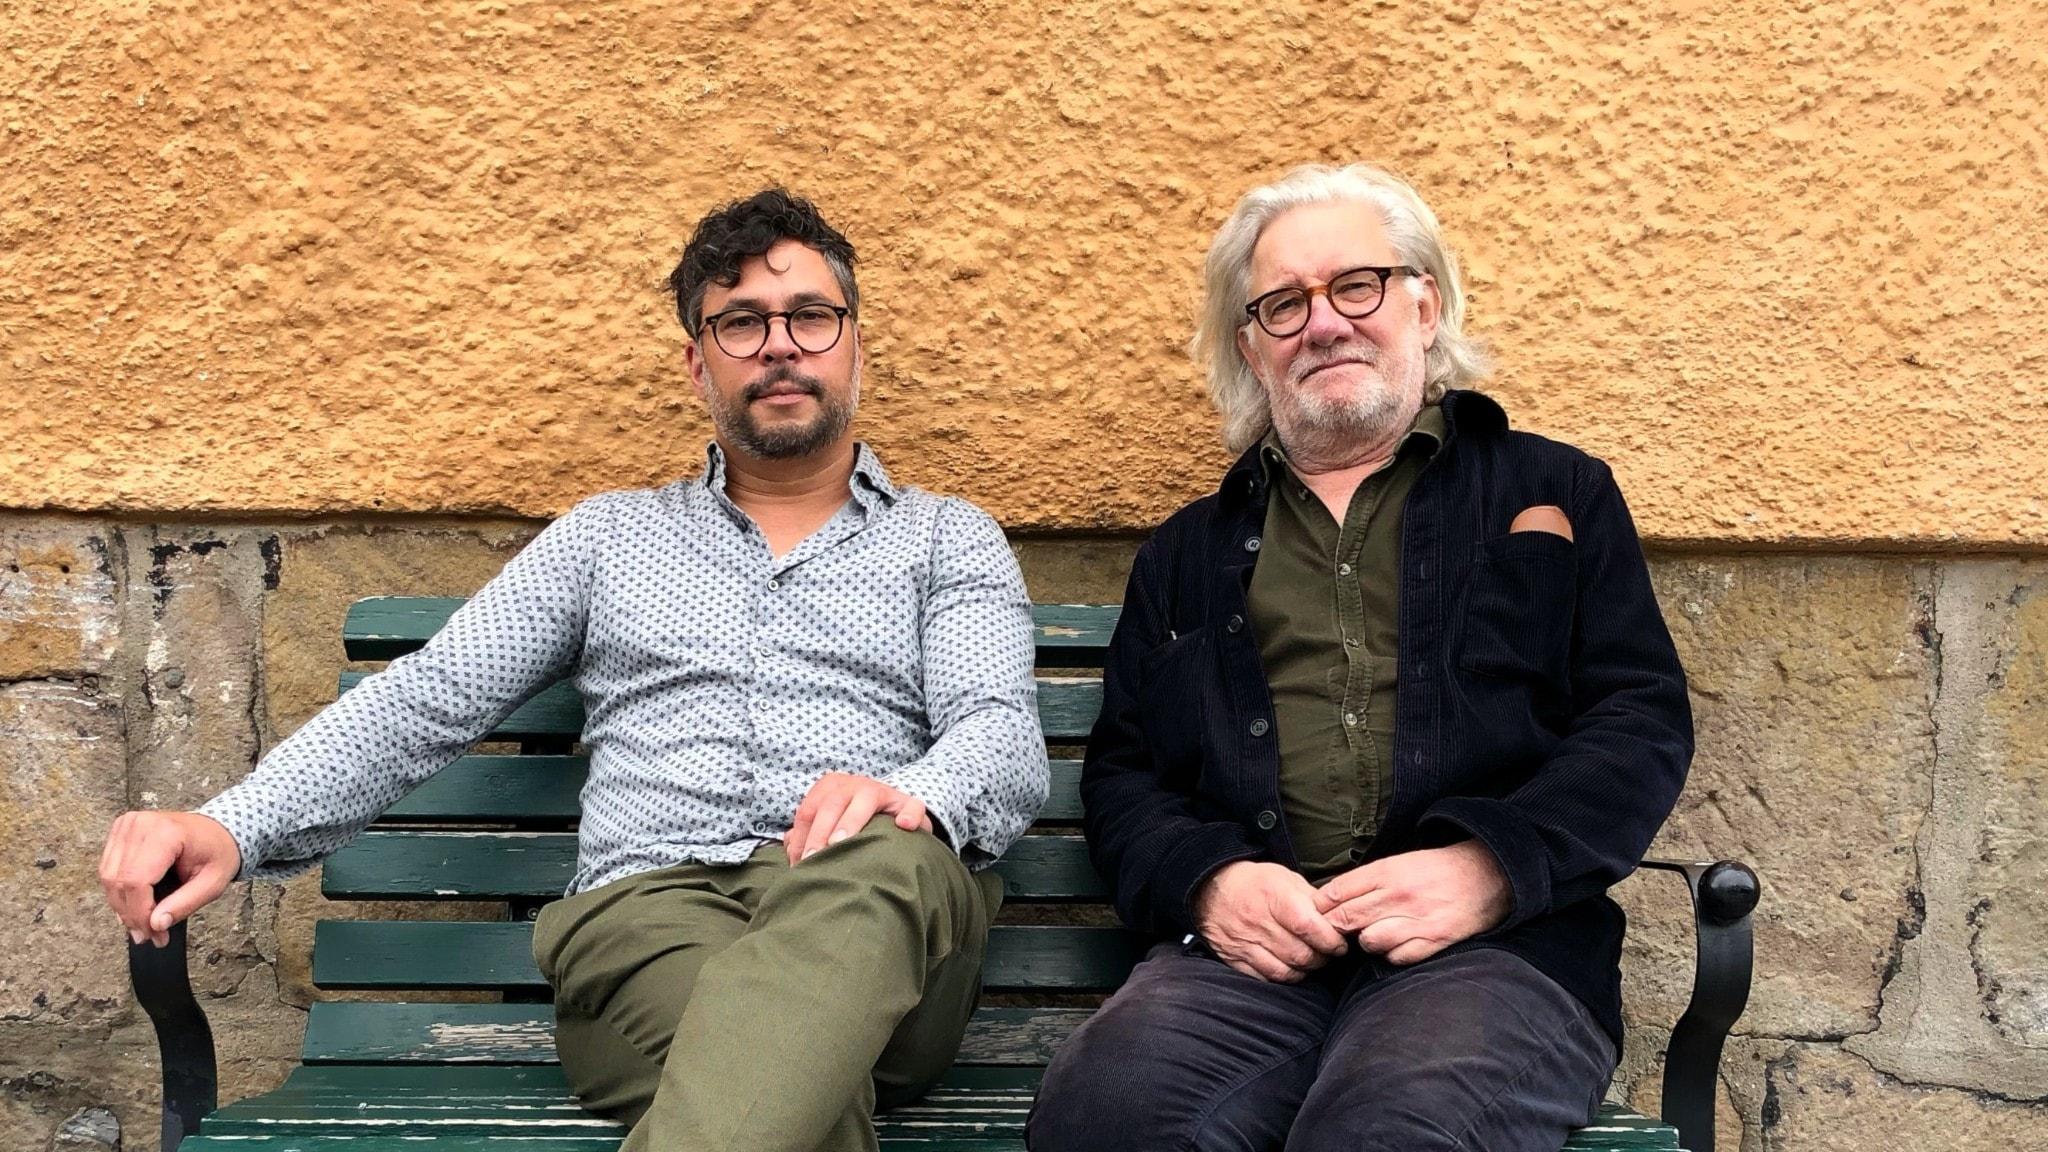 Martin Wicklin och Johan Croneman sitter bredvid varandra på en bänk.